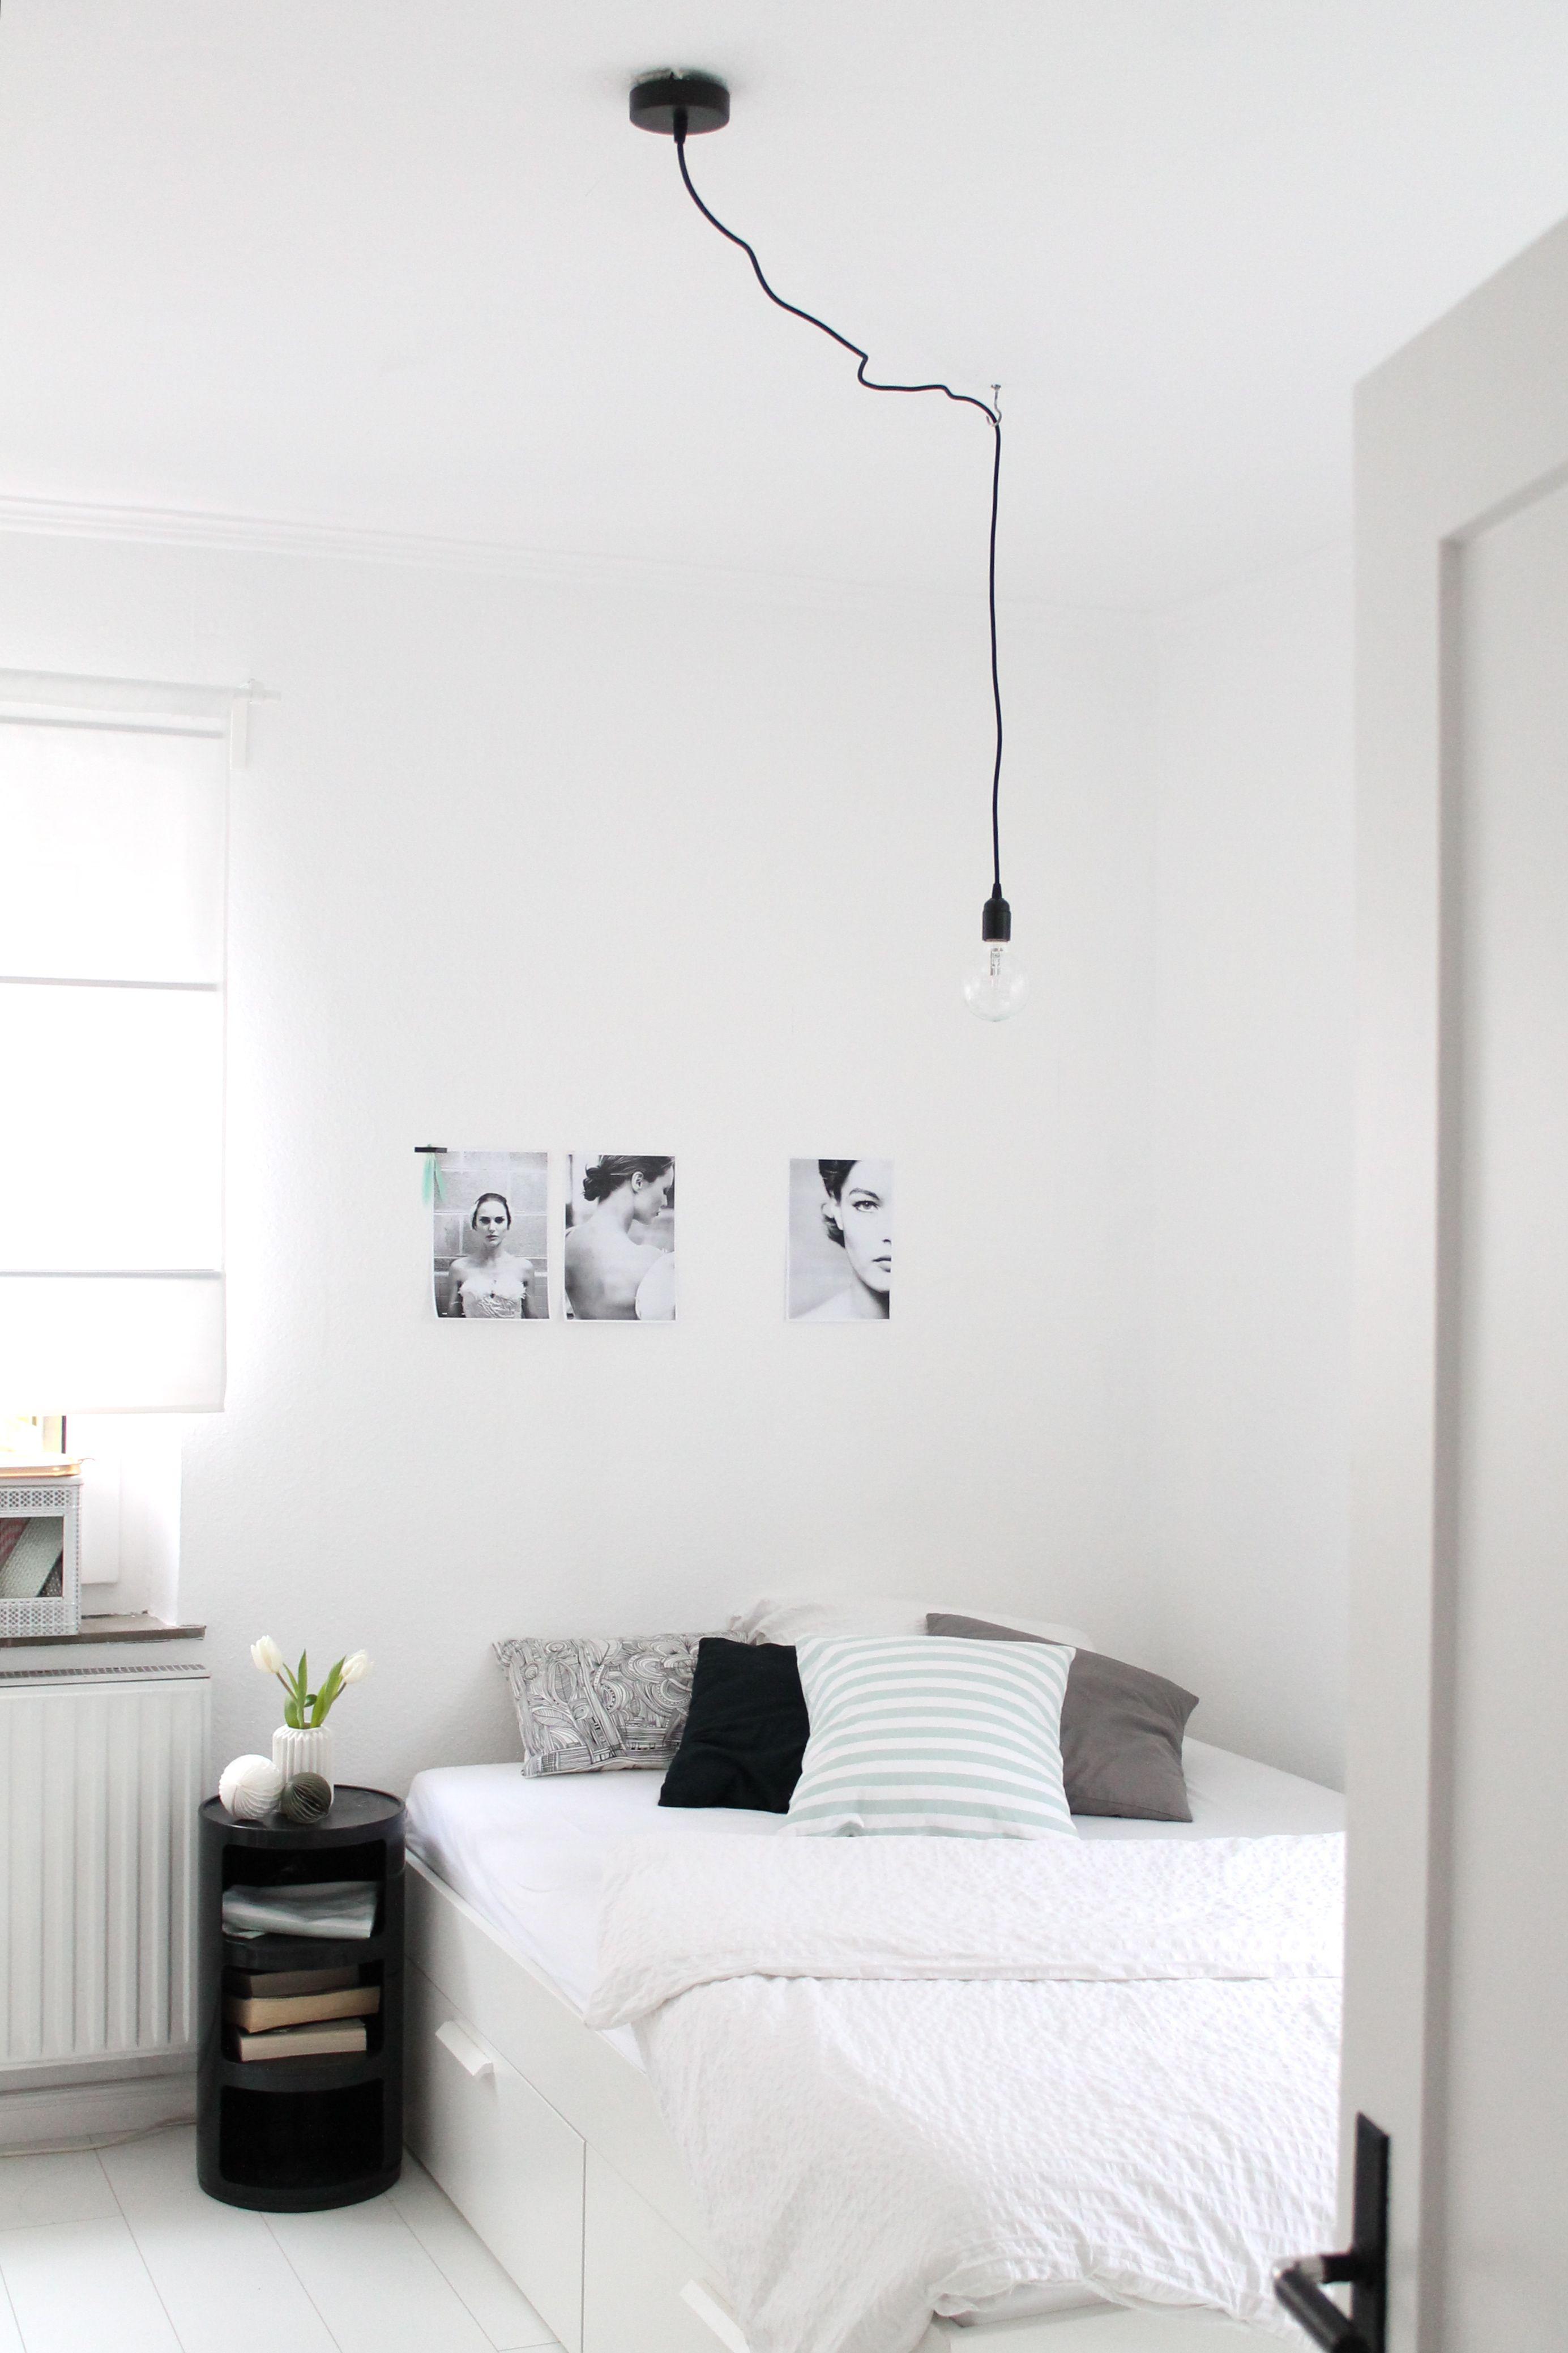 schlichtes Gästebett schwarzdesigntischbettlampwhite